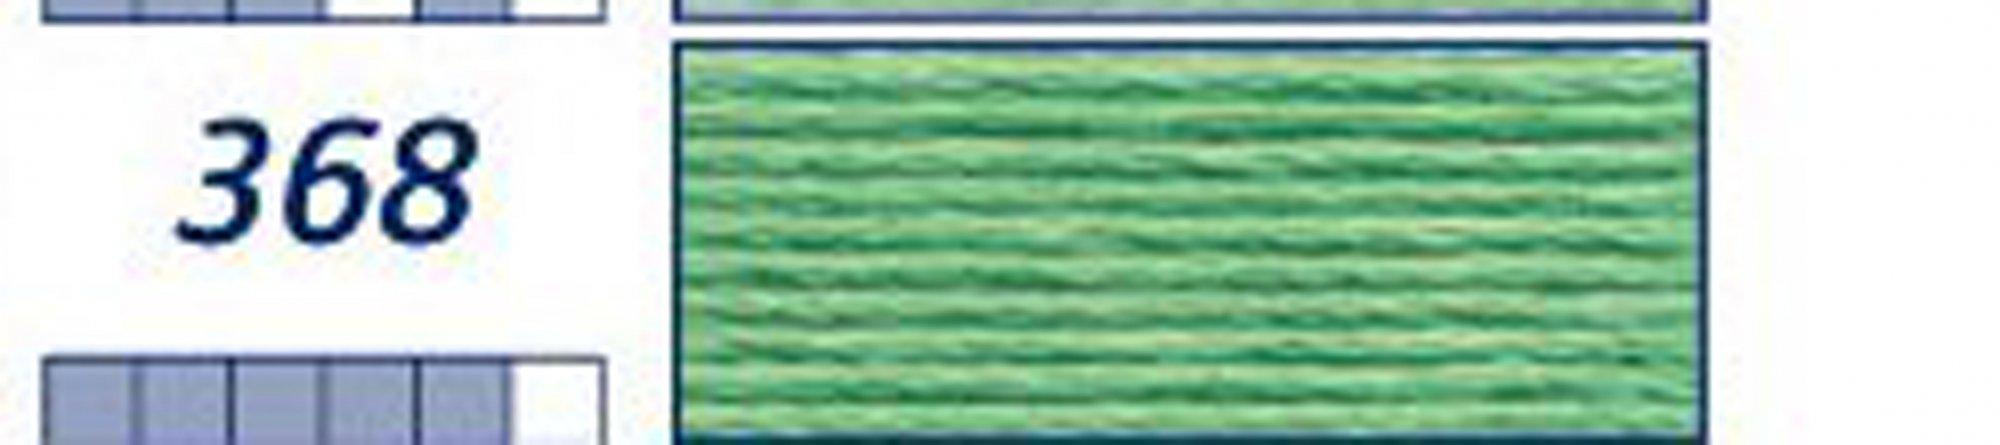 DP3-368-LT PISTACHIO -GREEN